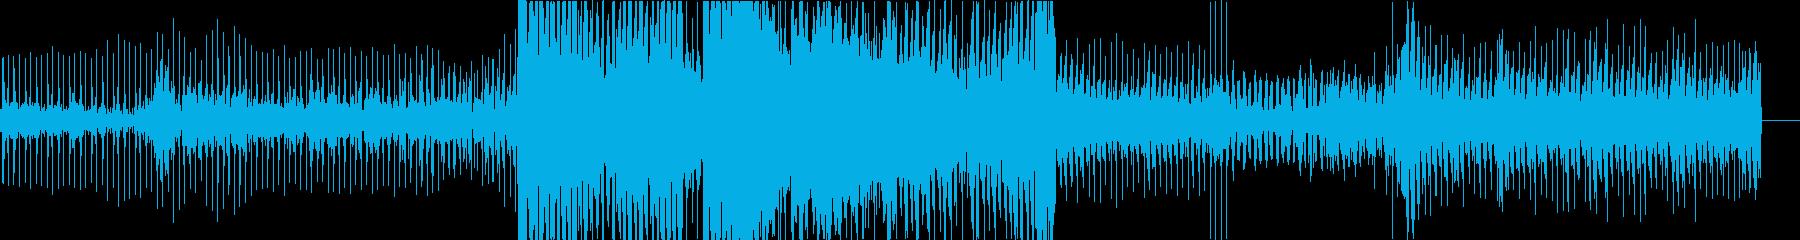 短めのドキュメンタリーなどのBGMにの再生済みの波形